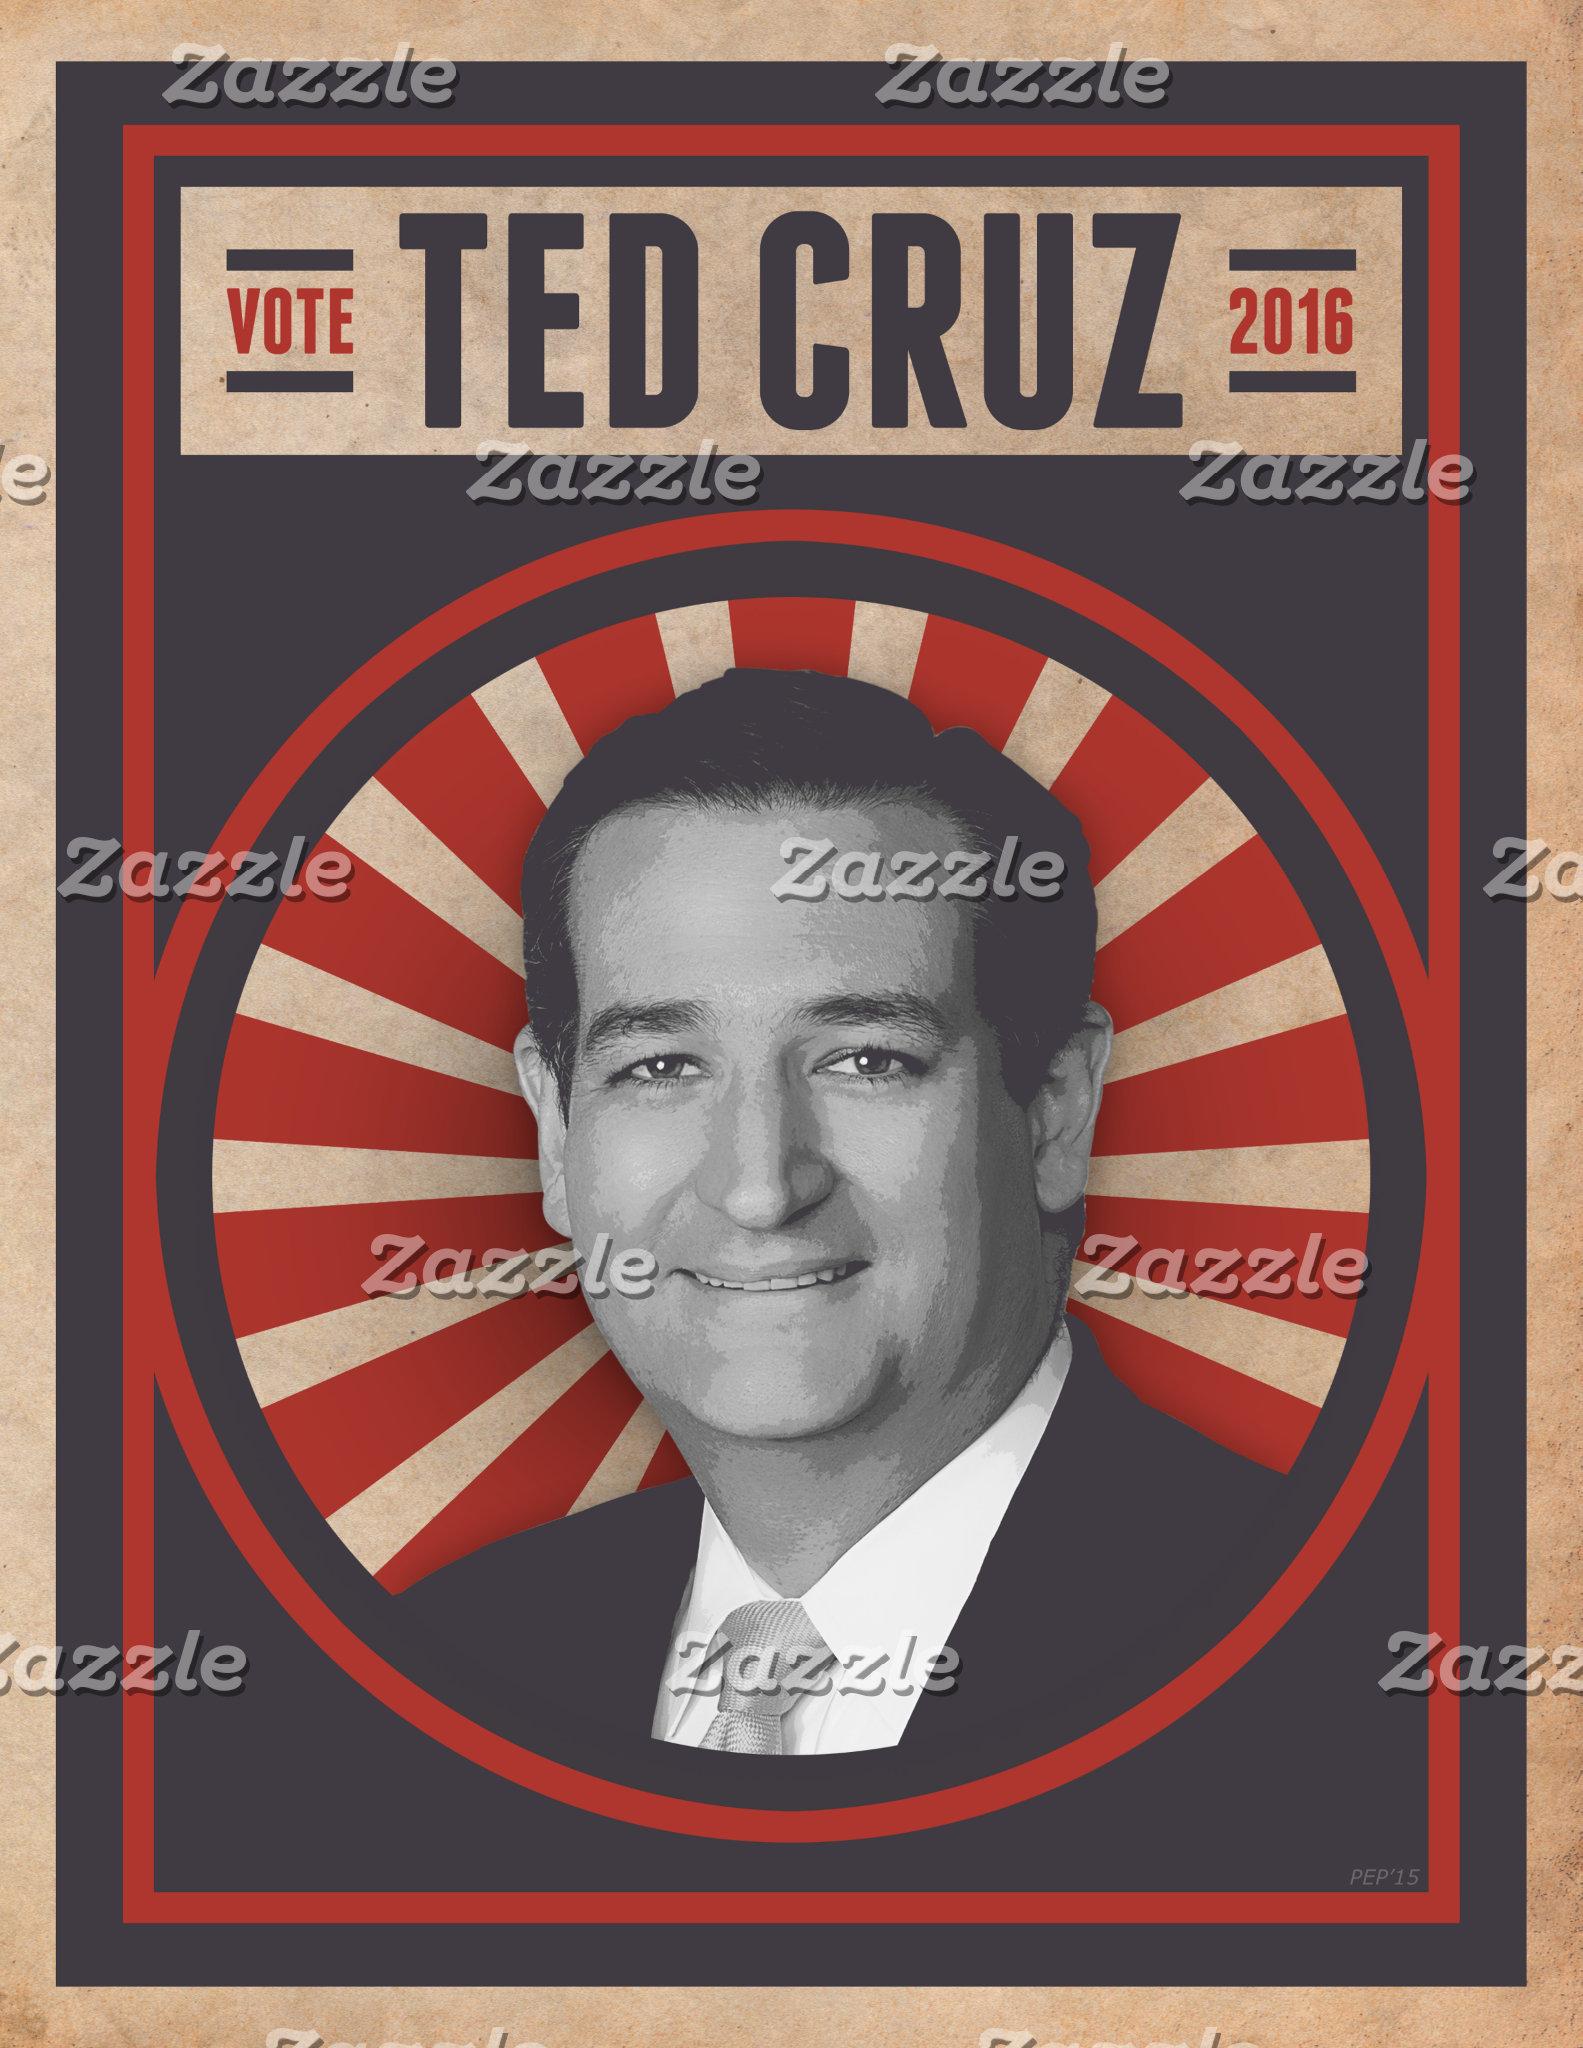 Vote Ted Cruz 2016